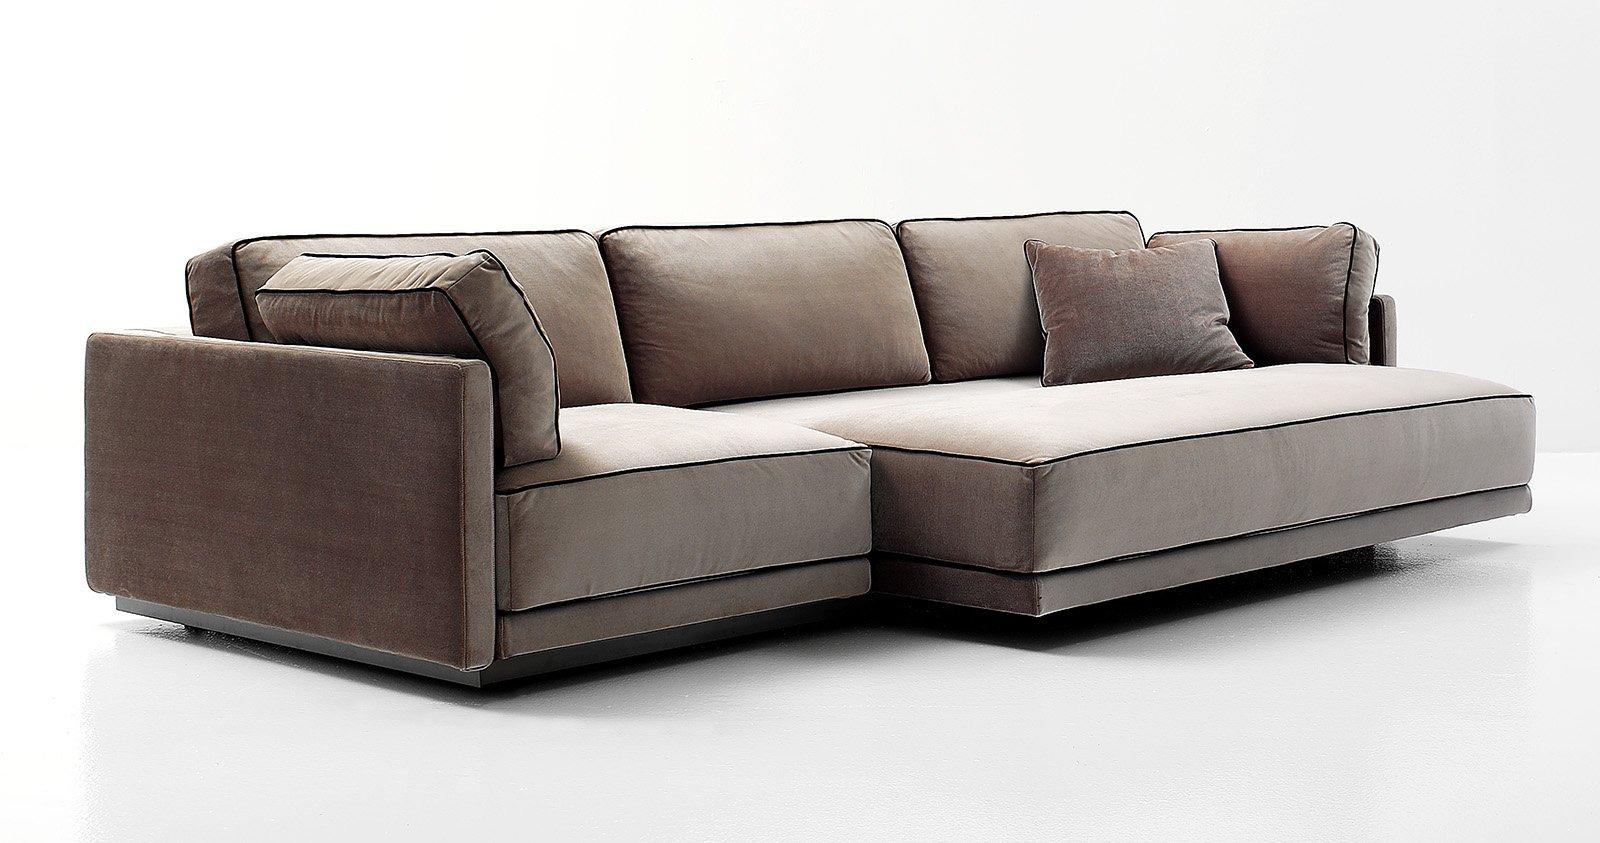 Illuminazione design interni - Gambettola divano ...